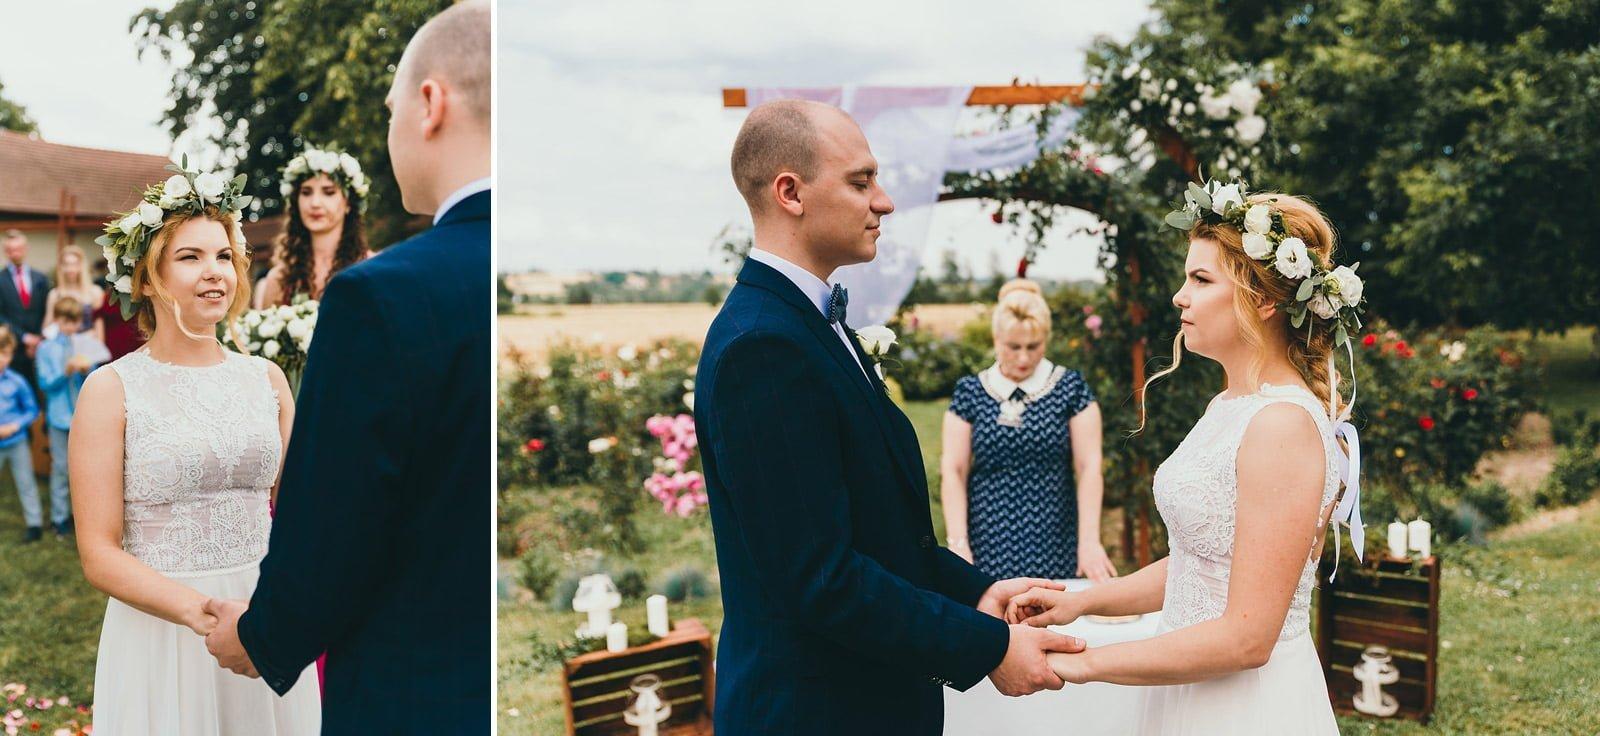 Justyna i Szymon - plenerowy ślub w stylu boho 42